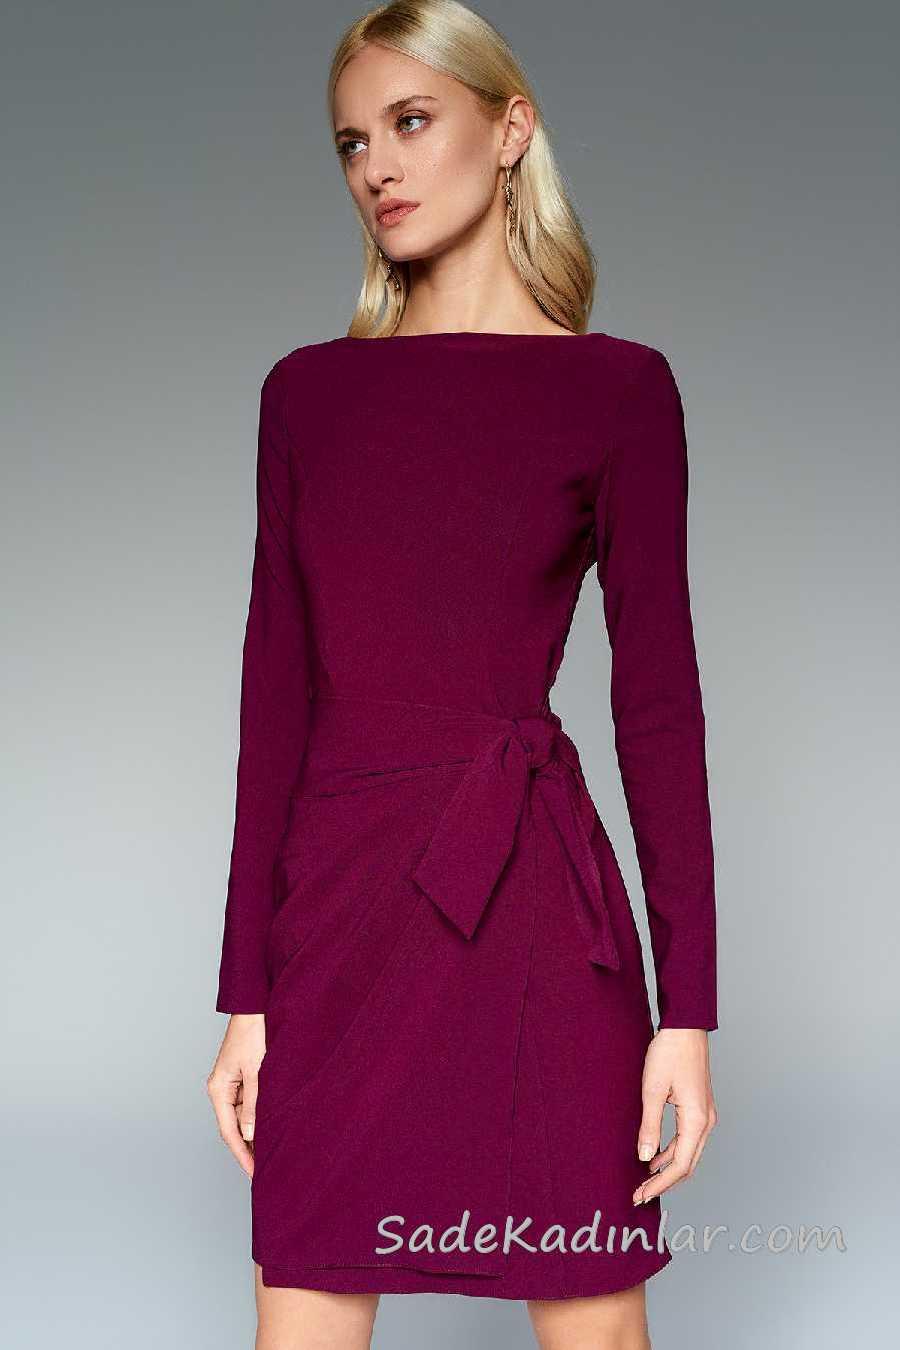 2020 Mürdüm Abiye Elbise Modelleri Kısa Kayık Yaka Yandan Bağlamalı